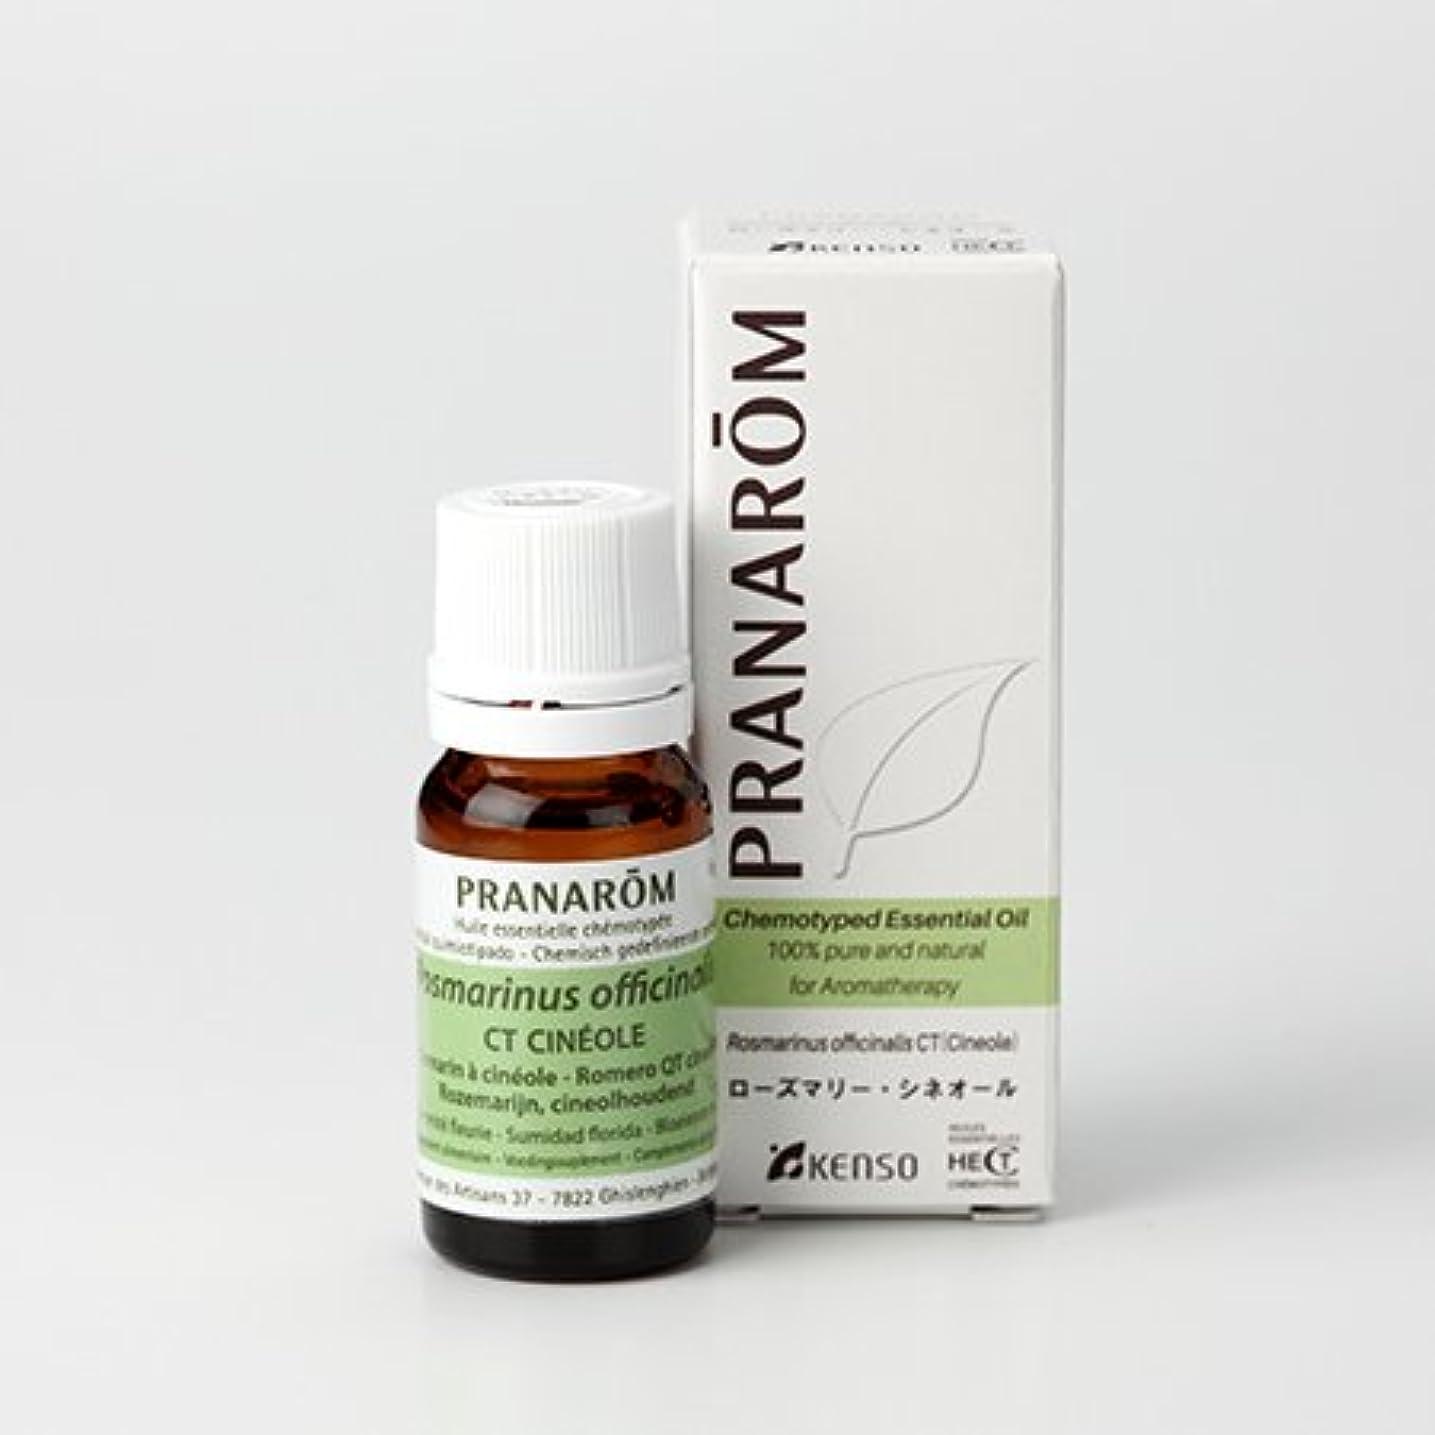 運搬ゴールデンによるとプラナロム ( PRANAROM ) 精油 ローズマリー?シネオール 10ml p-160 ローズマリーシネオール